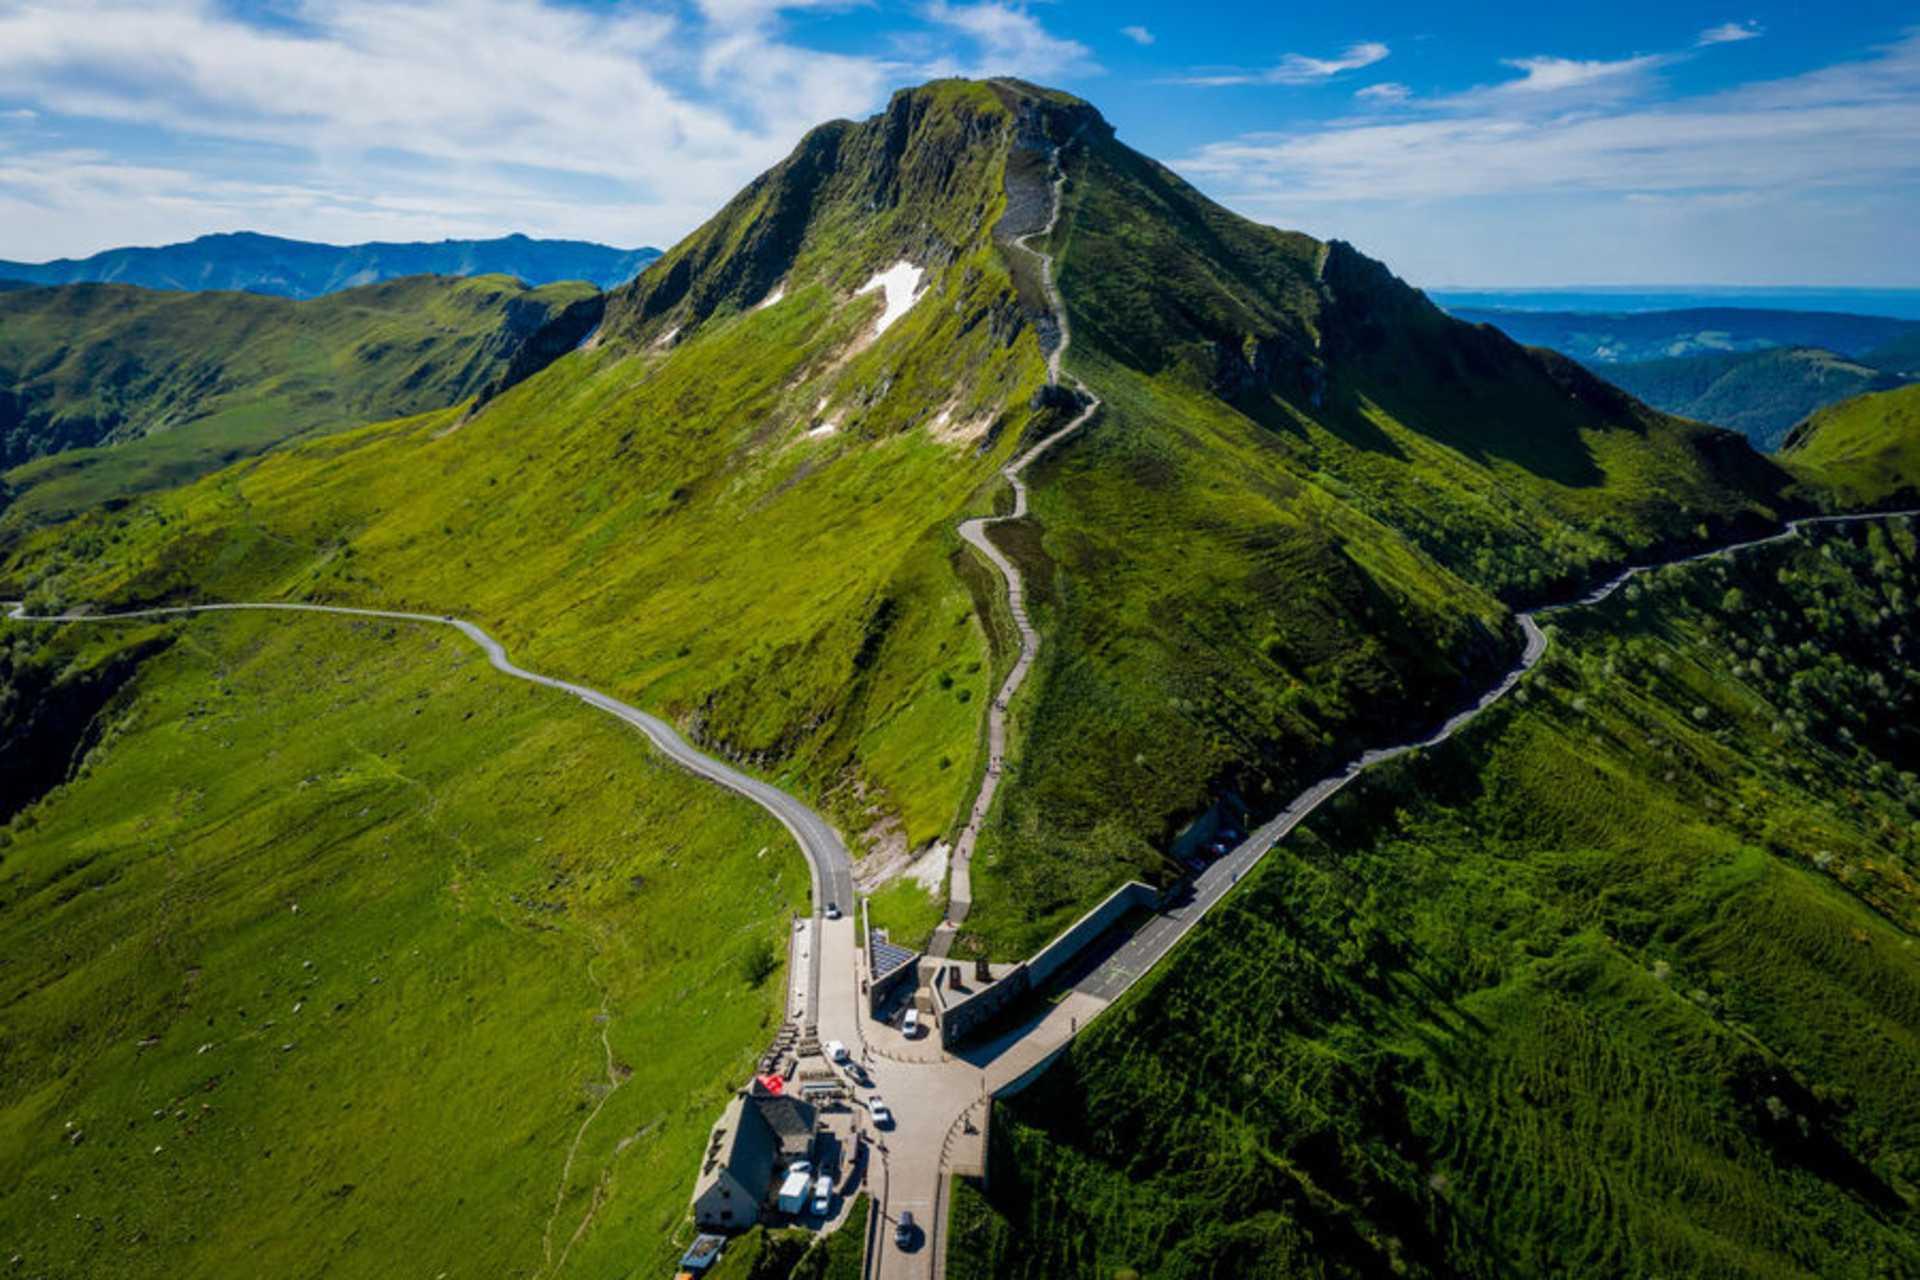 Le Puy Mary qui domine la chaîne des volcans d'Auvergne